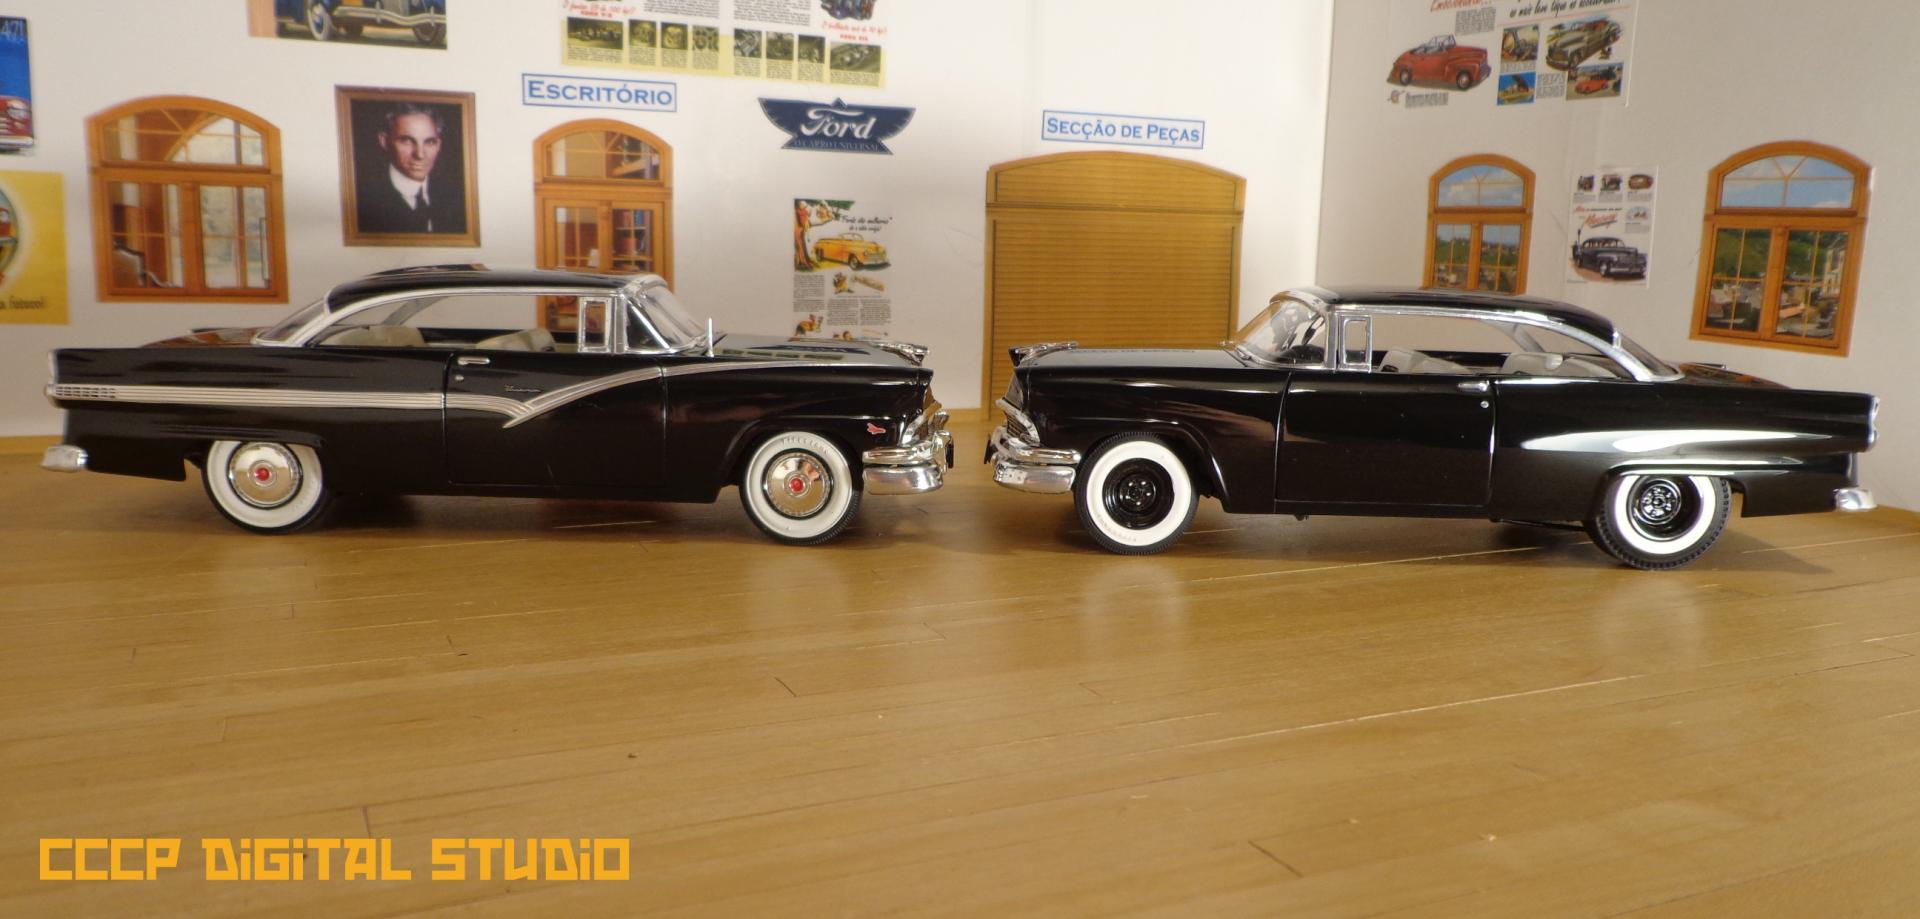 1956 Ford Stravaganza 020 copy.jpg